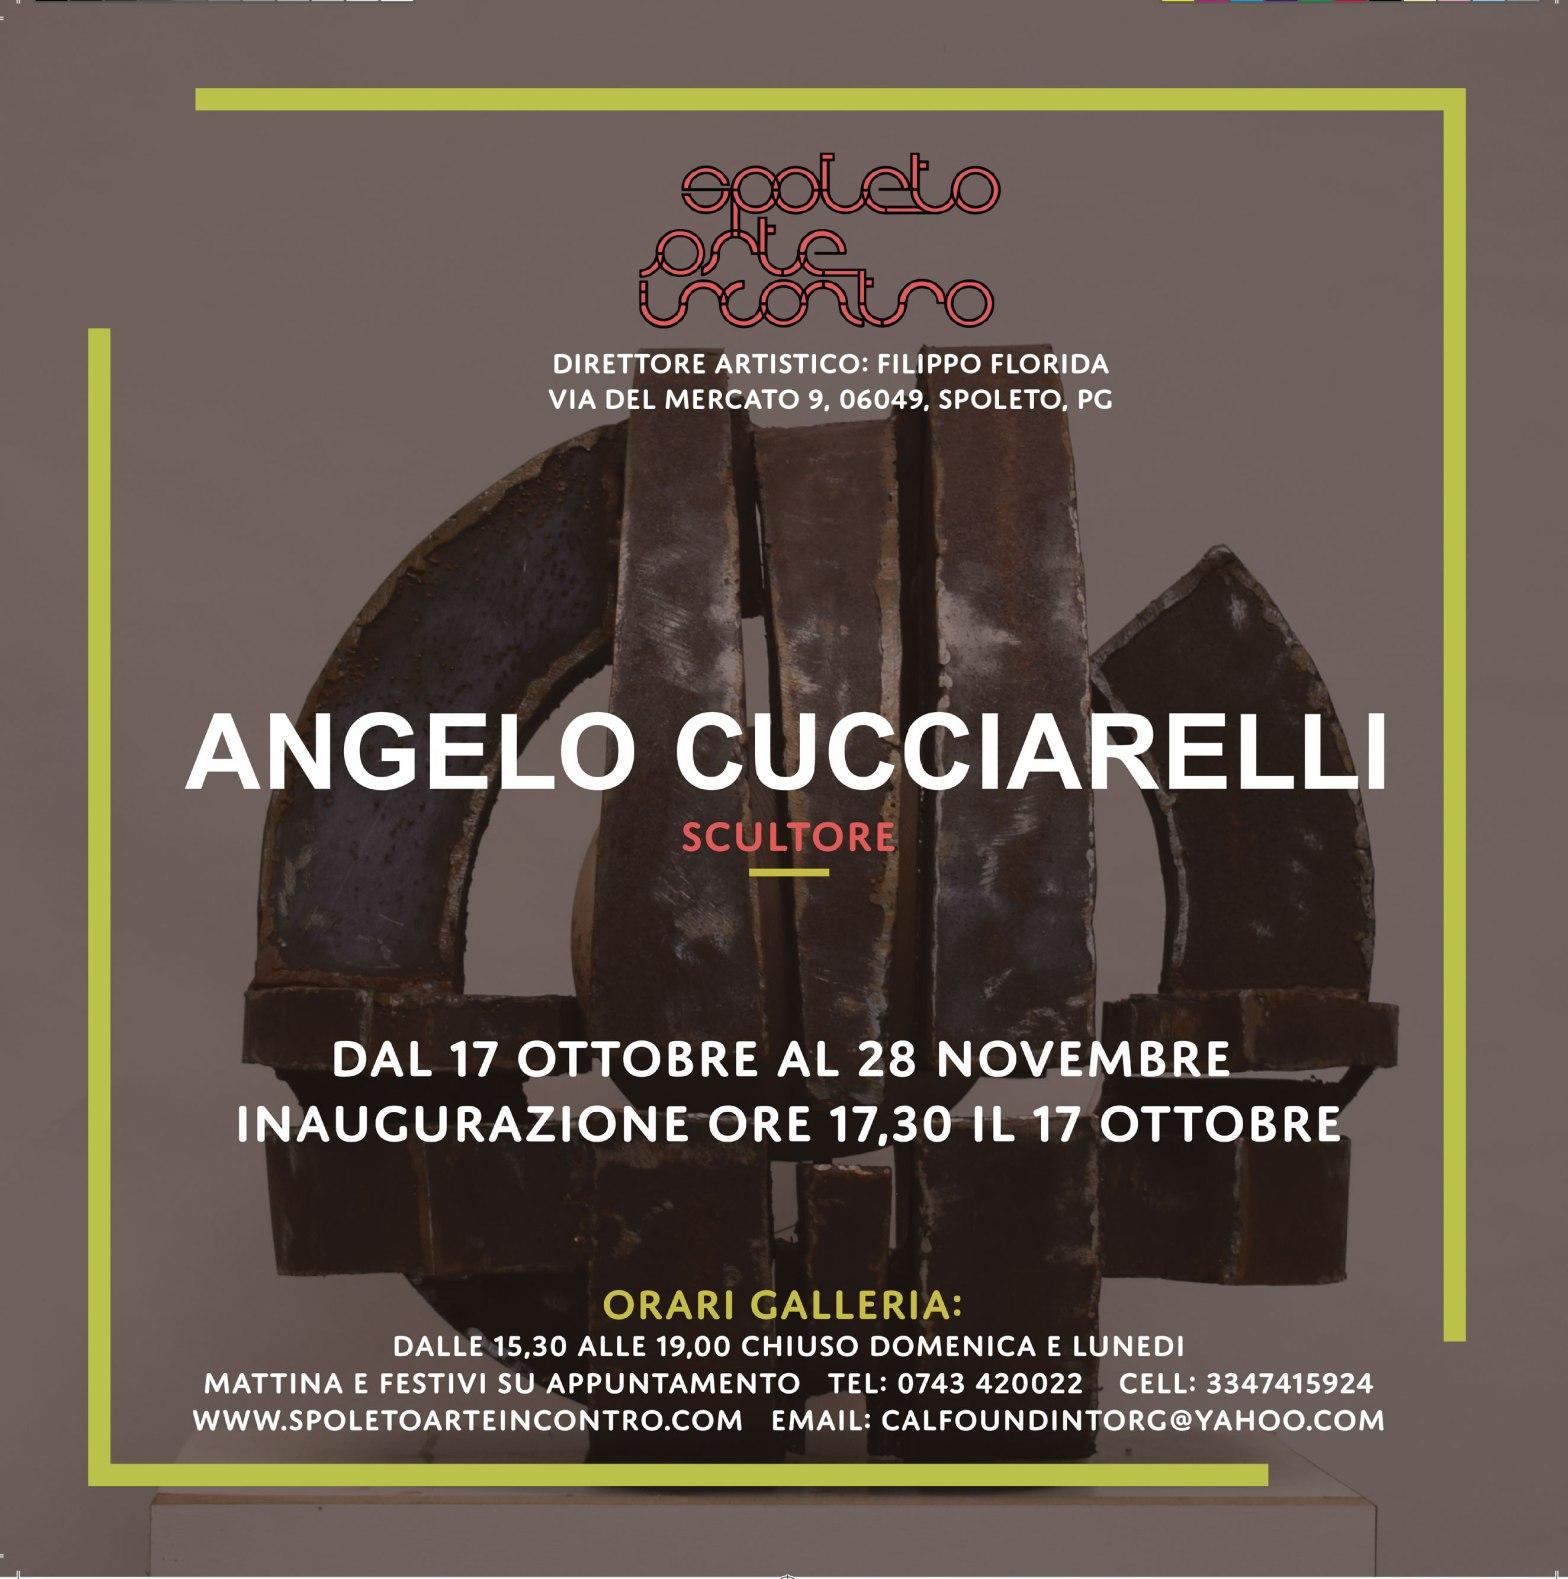 Mostra Angelo Cucciarelli Scultore